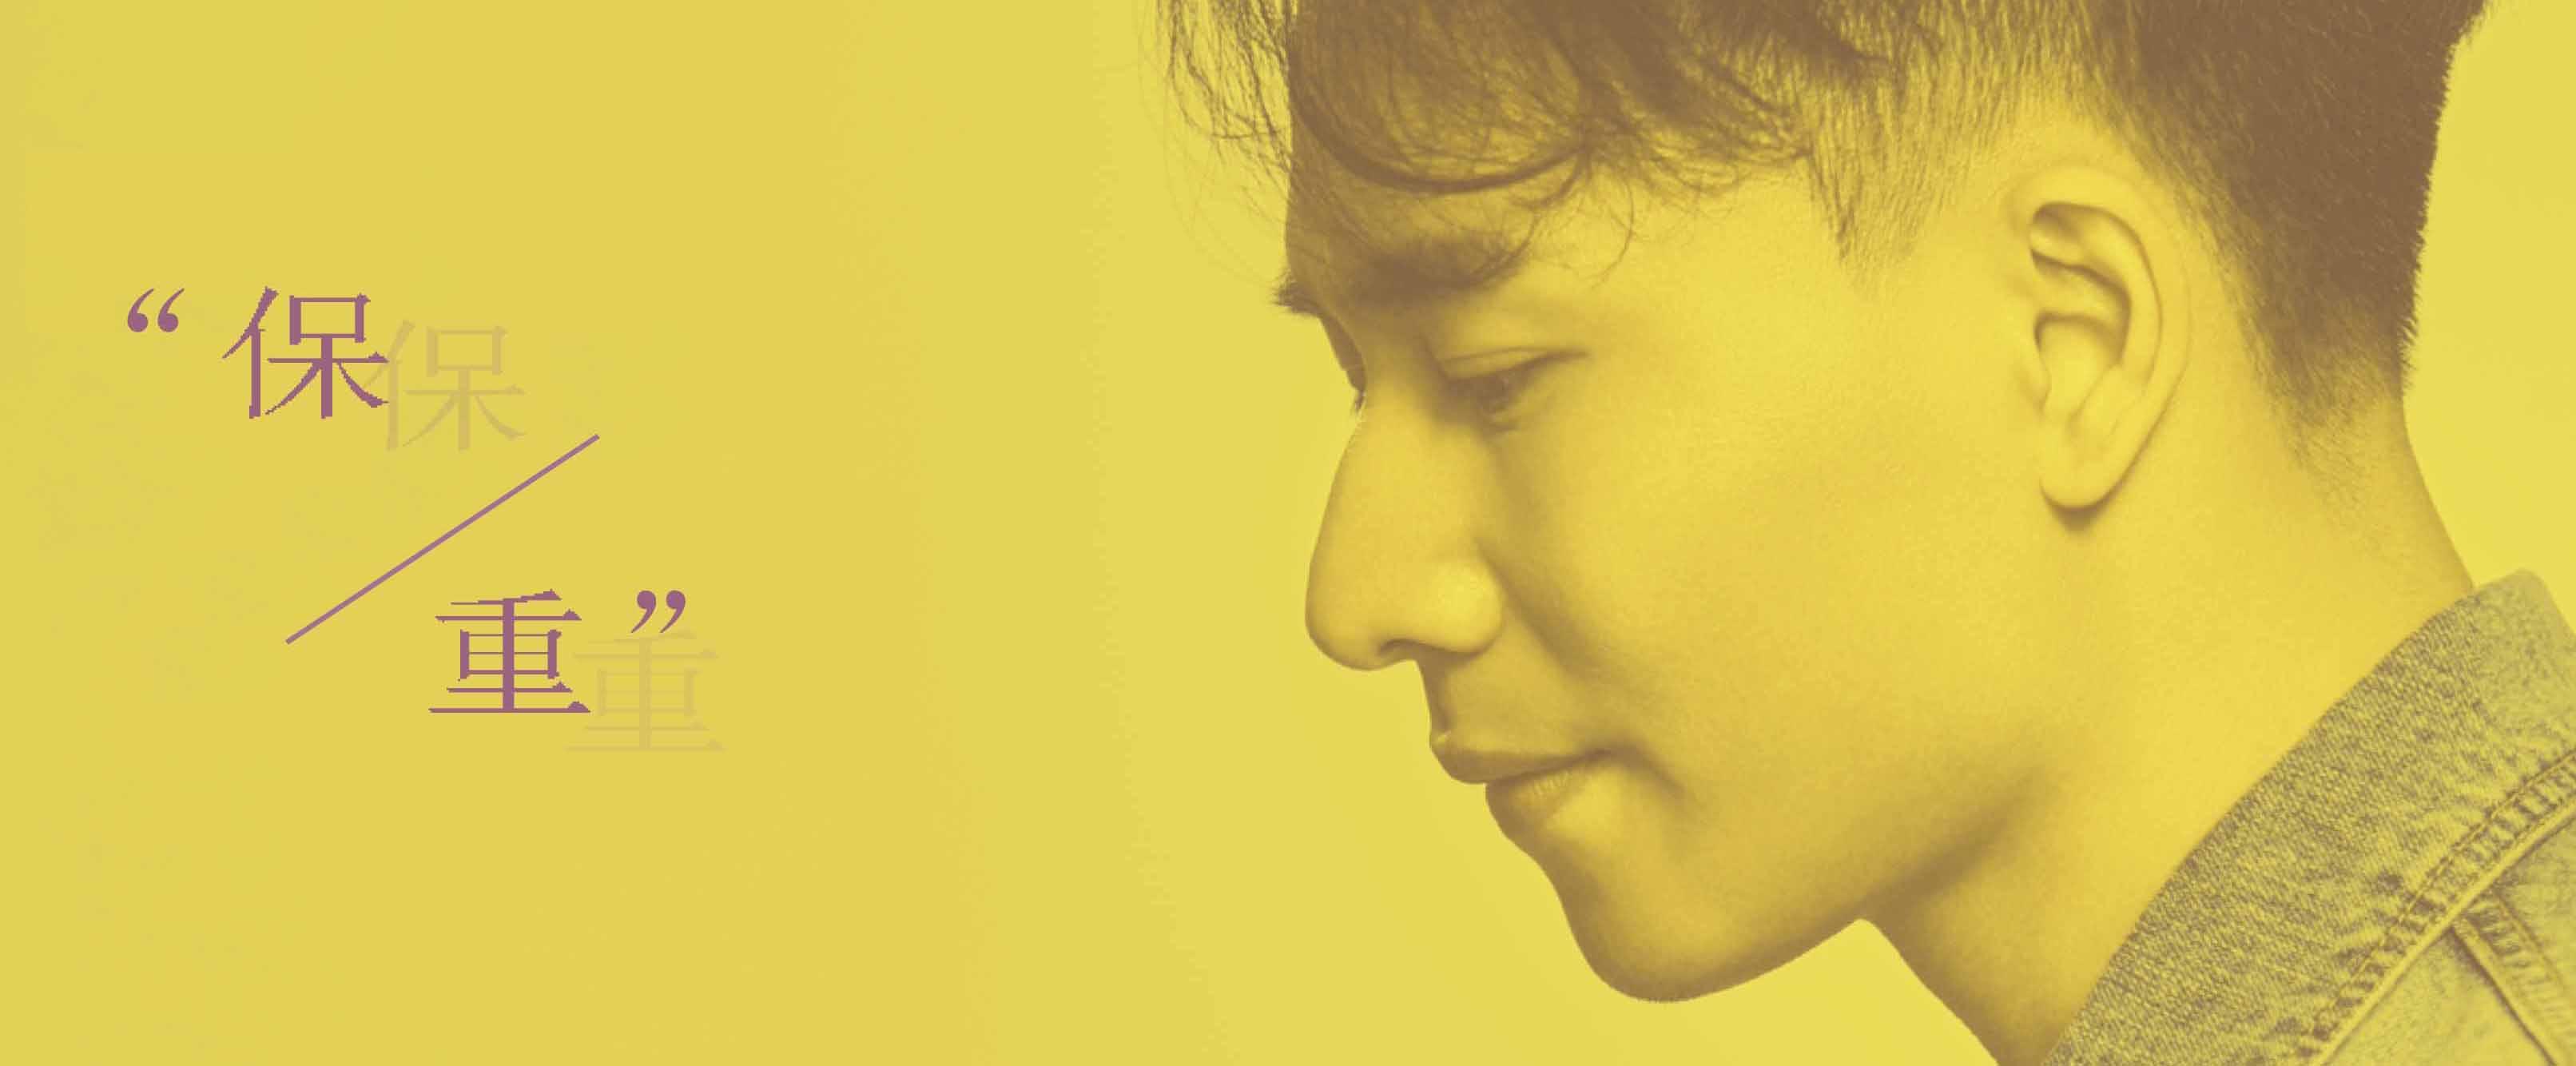 欢子新歌《保重》发行 广受网友好评引发热议